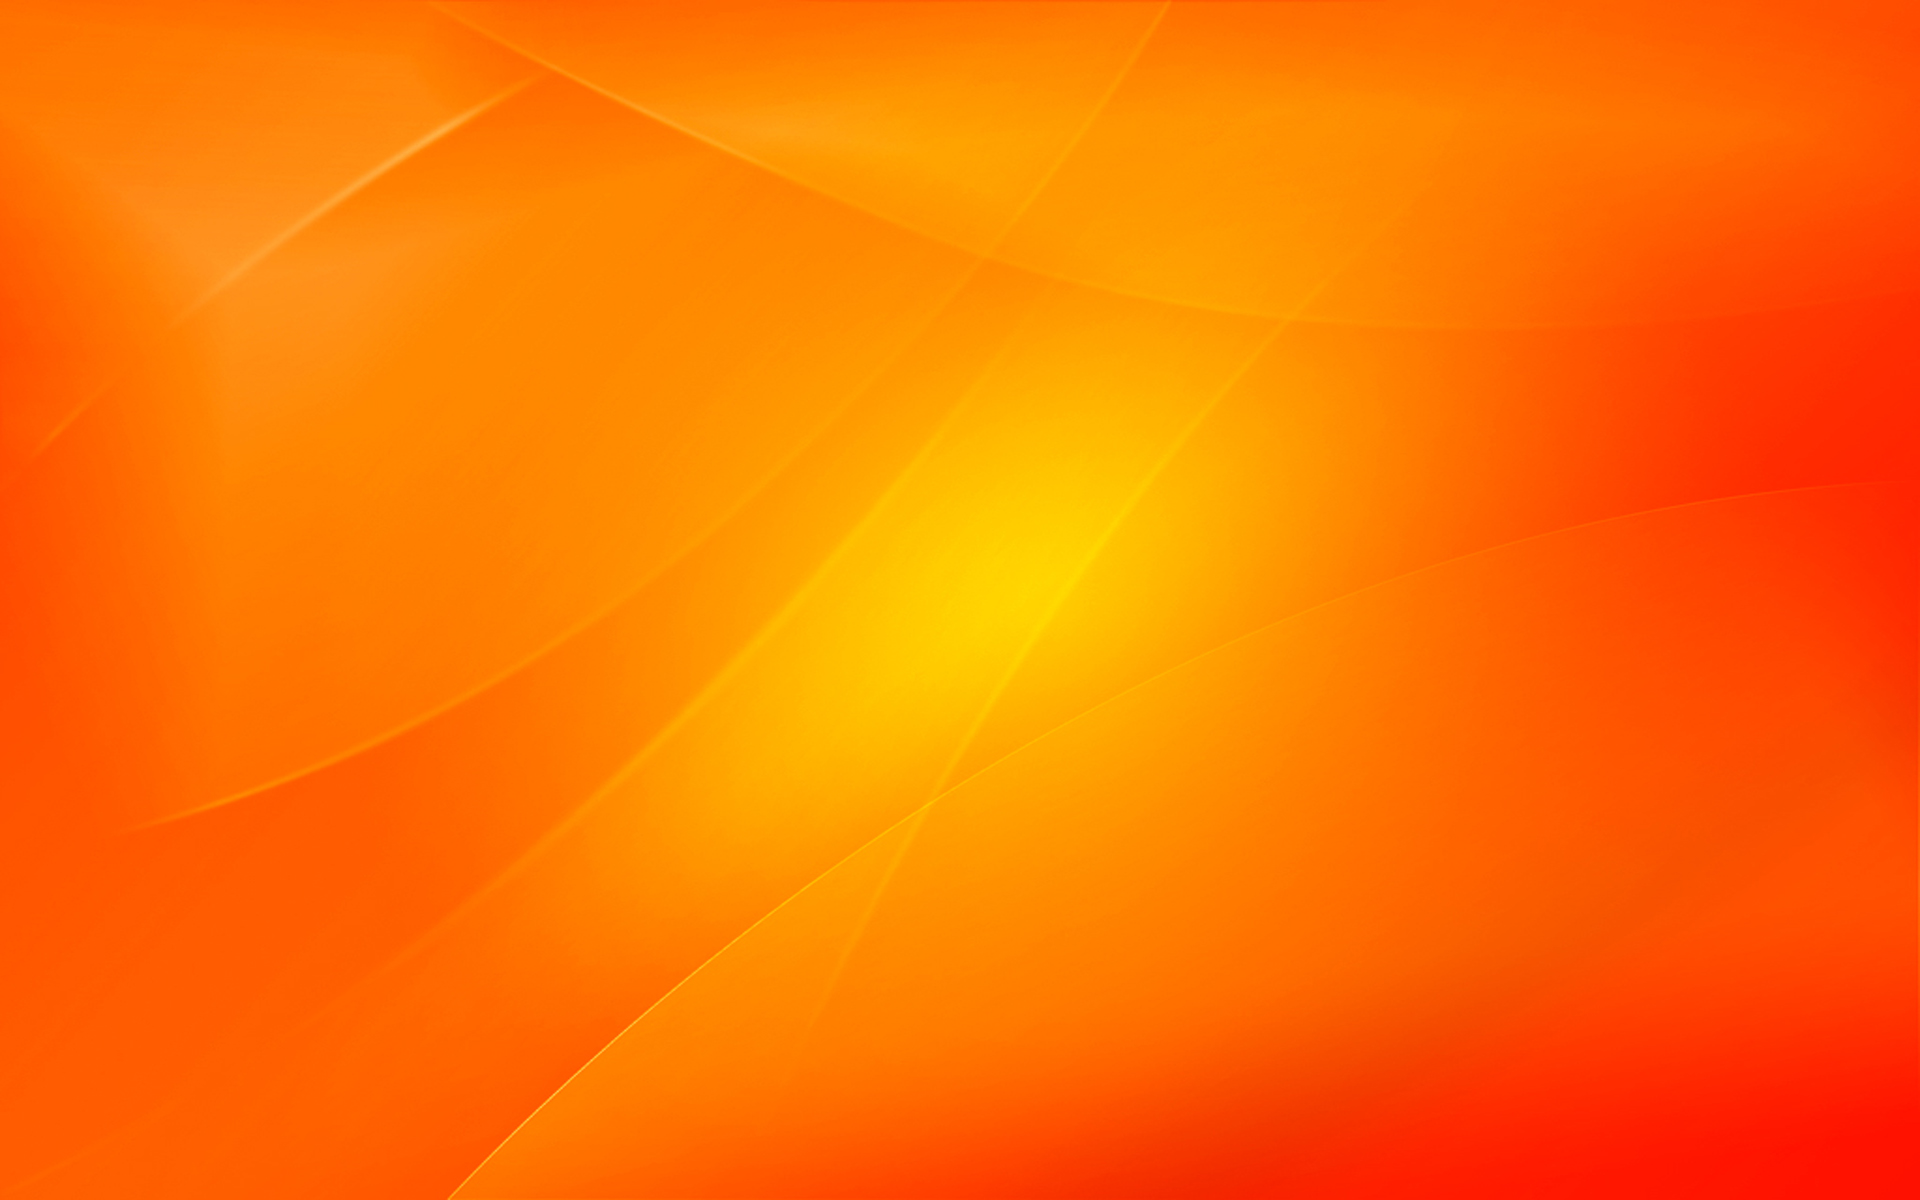 Orange Background Wallpaper 1920x1200 Orange Background 1920x1200